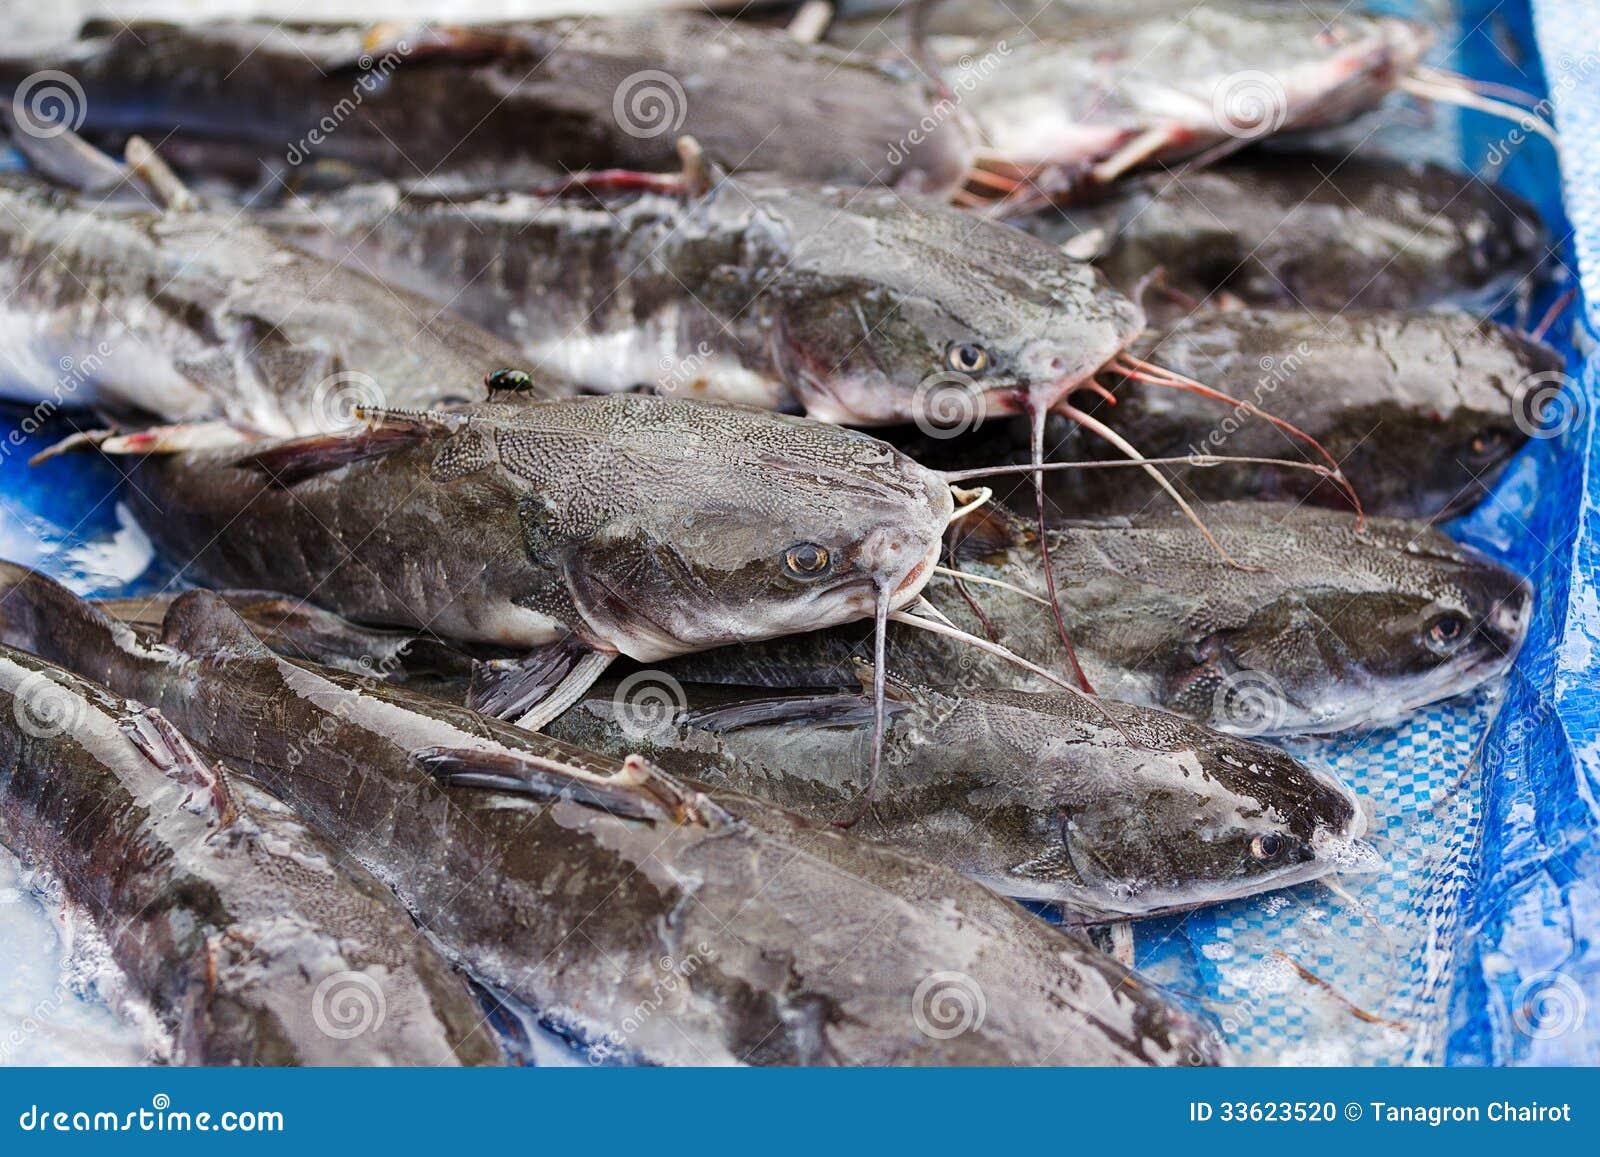 Catfish stock photo image 33623520 for Ice fishing for catfish